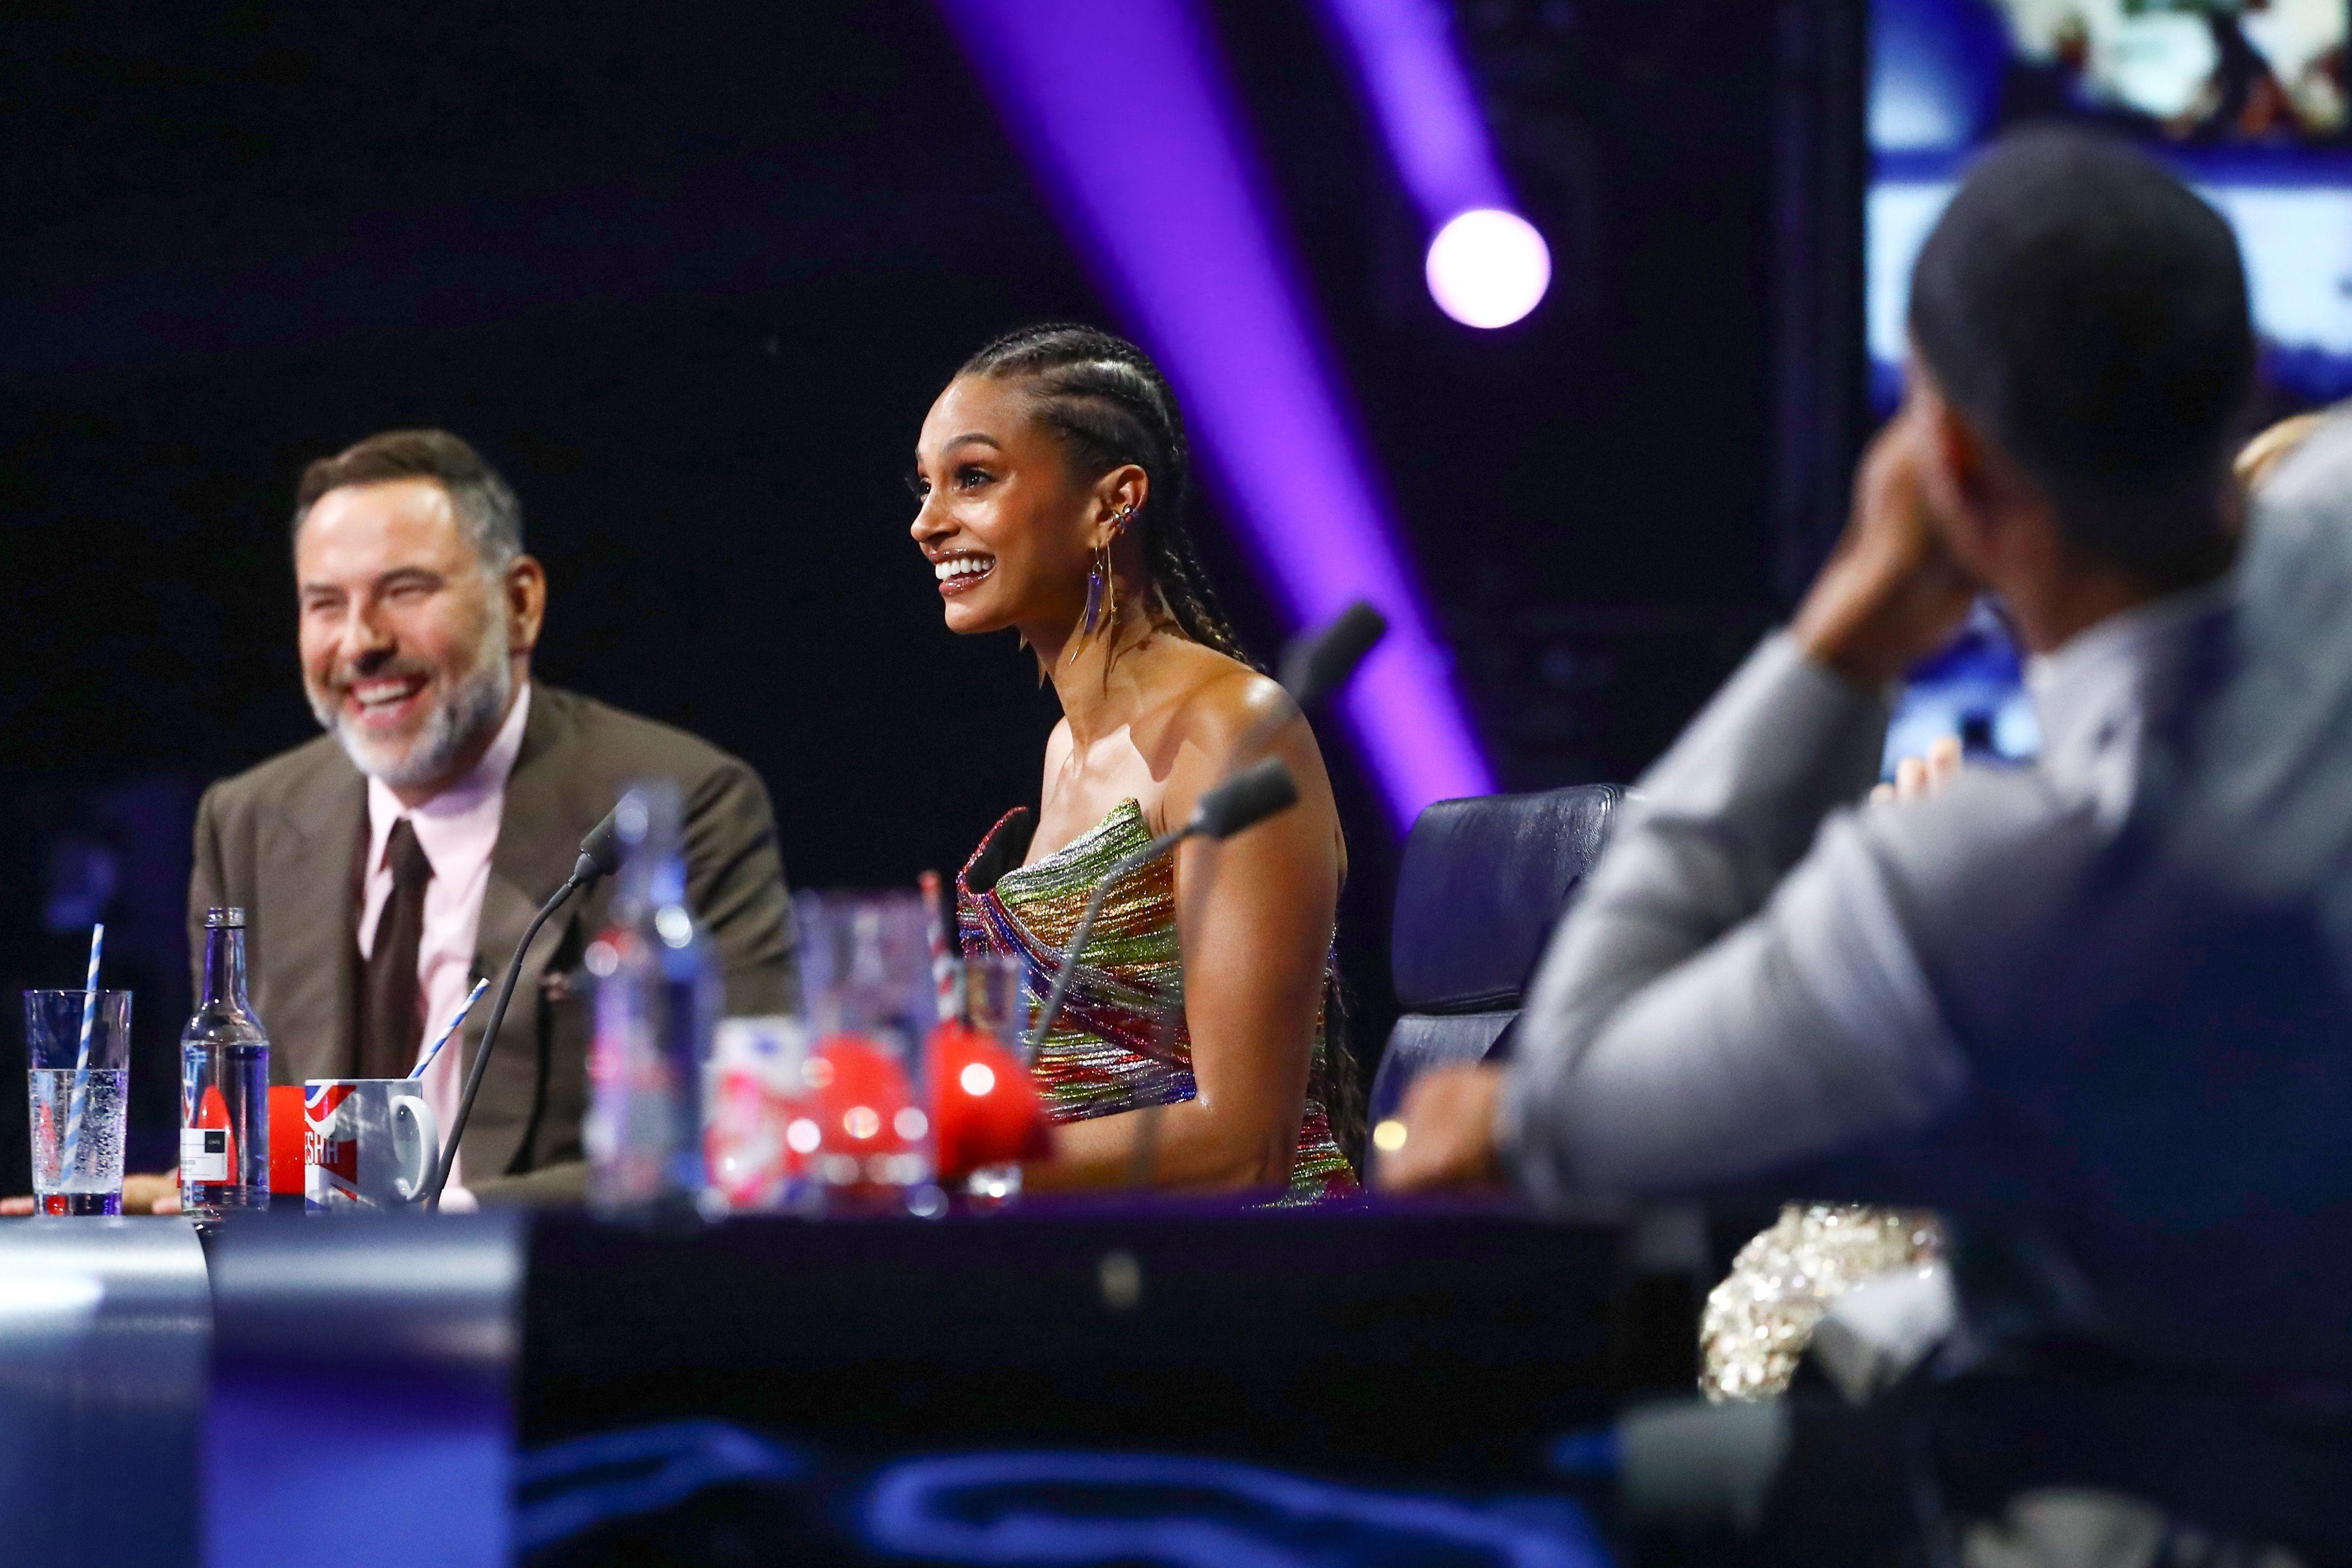 Britain's Got Talent 2020 confirms first finalist